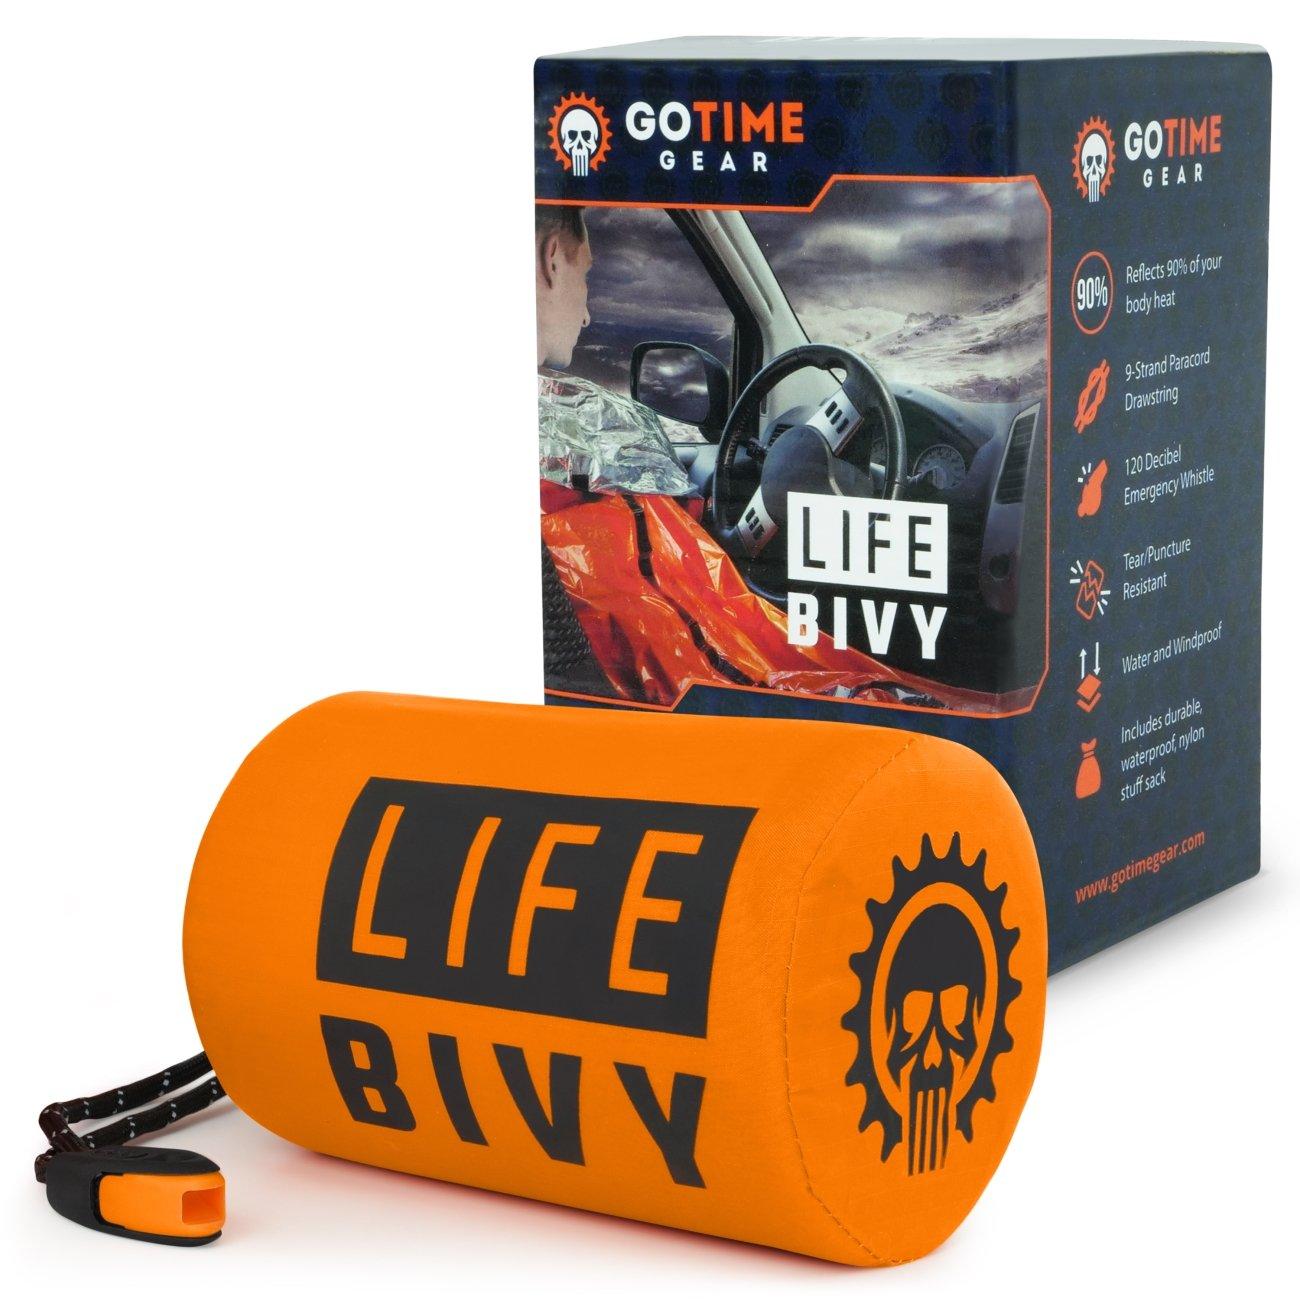 Life Bivy応急処置用寝袋ウォームビヴィー - 緊急用Bivyサック、サバイバル寝袋、フィルム応急処置キット、サバイバル用具として使用 - サバイバルホイッスル付きナイロンバックパック+傘ロープロープ